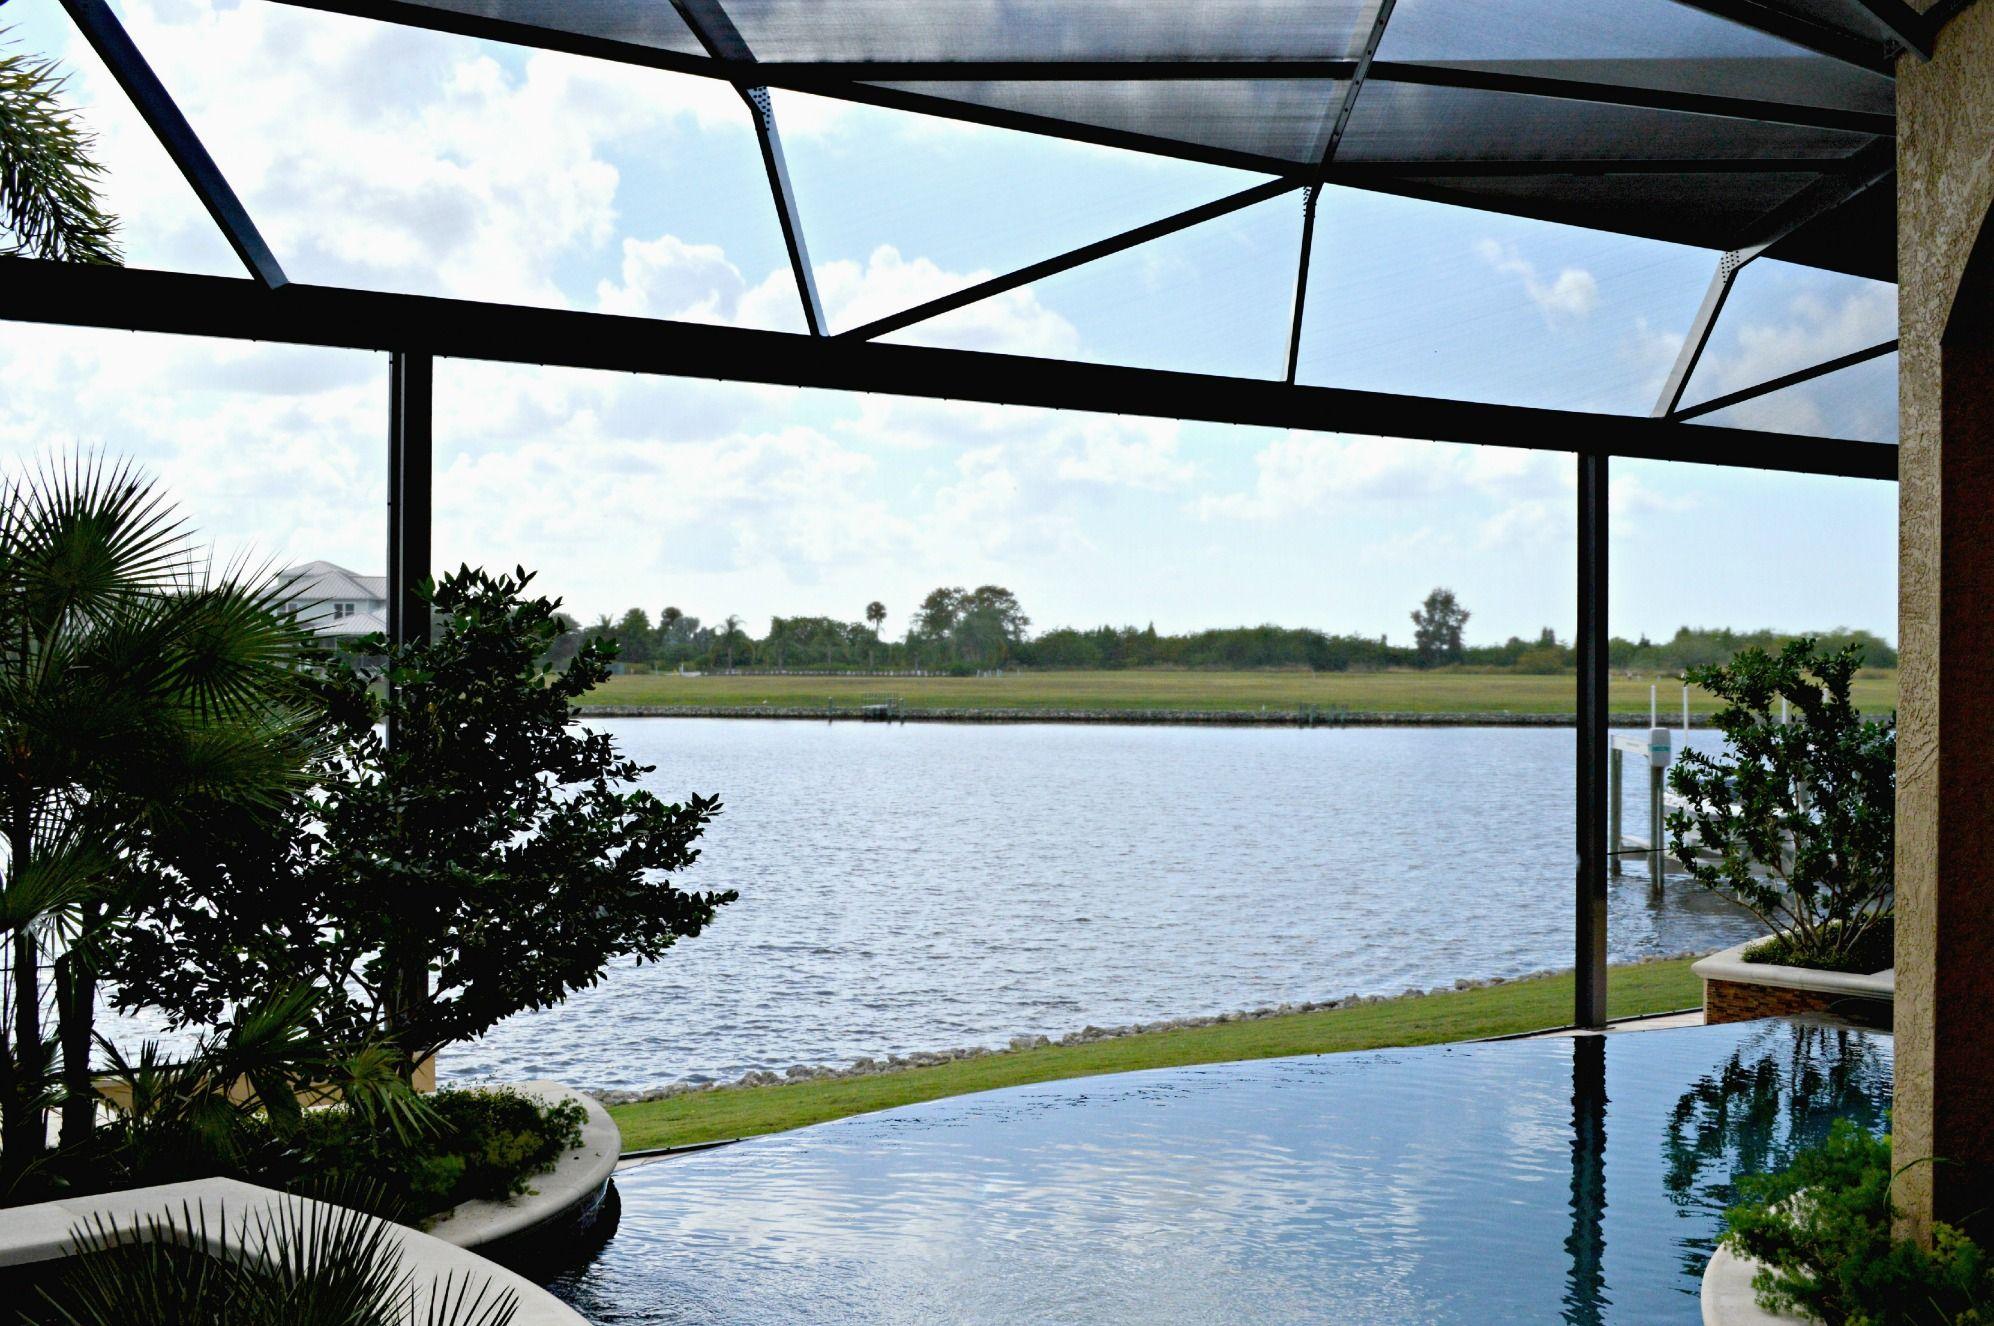 Megaview Screen Enclosures Hendry Aluminum Screen Enclosures Patio Screen Enclosure Pool Screen Enclosure